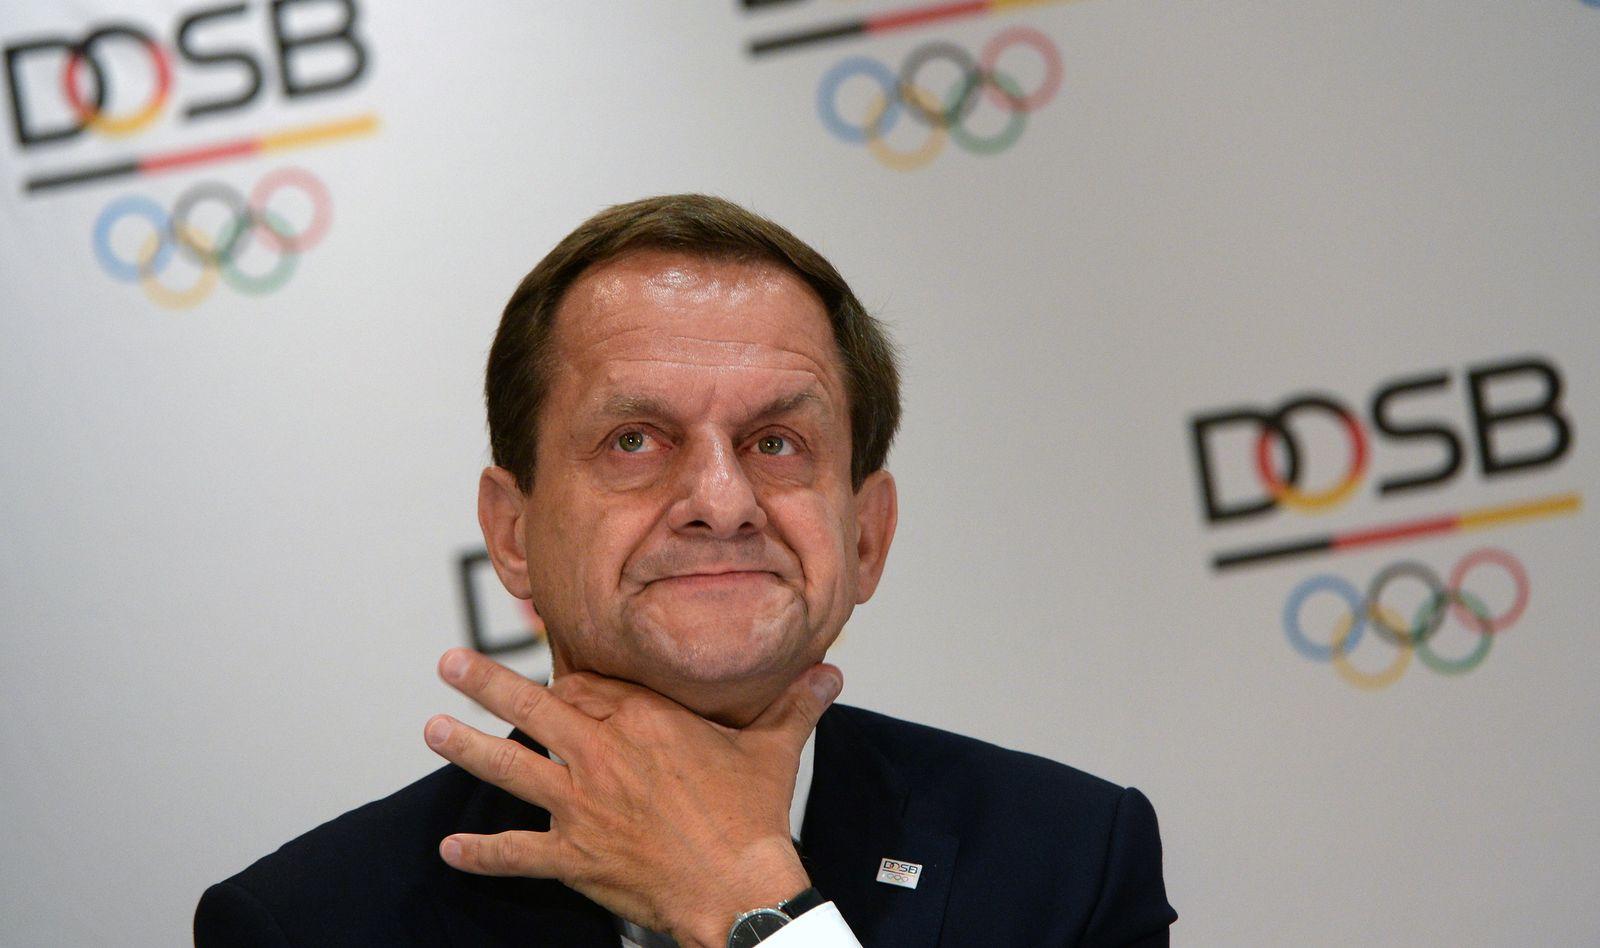 Bundestrainerkonferenz in Leipzig - Hörmann